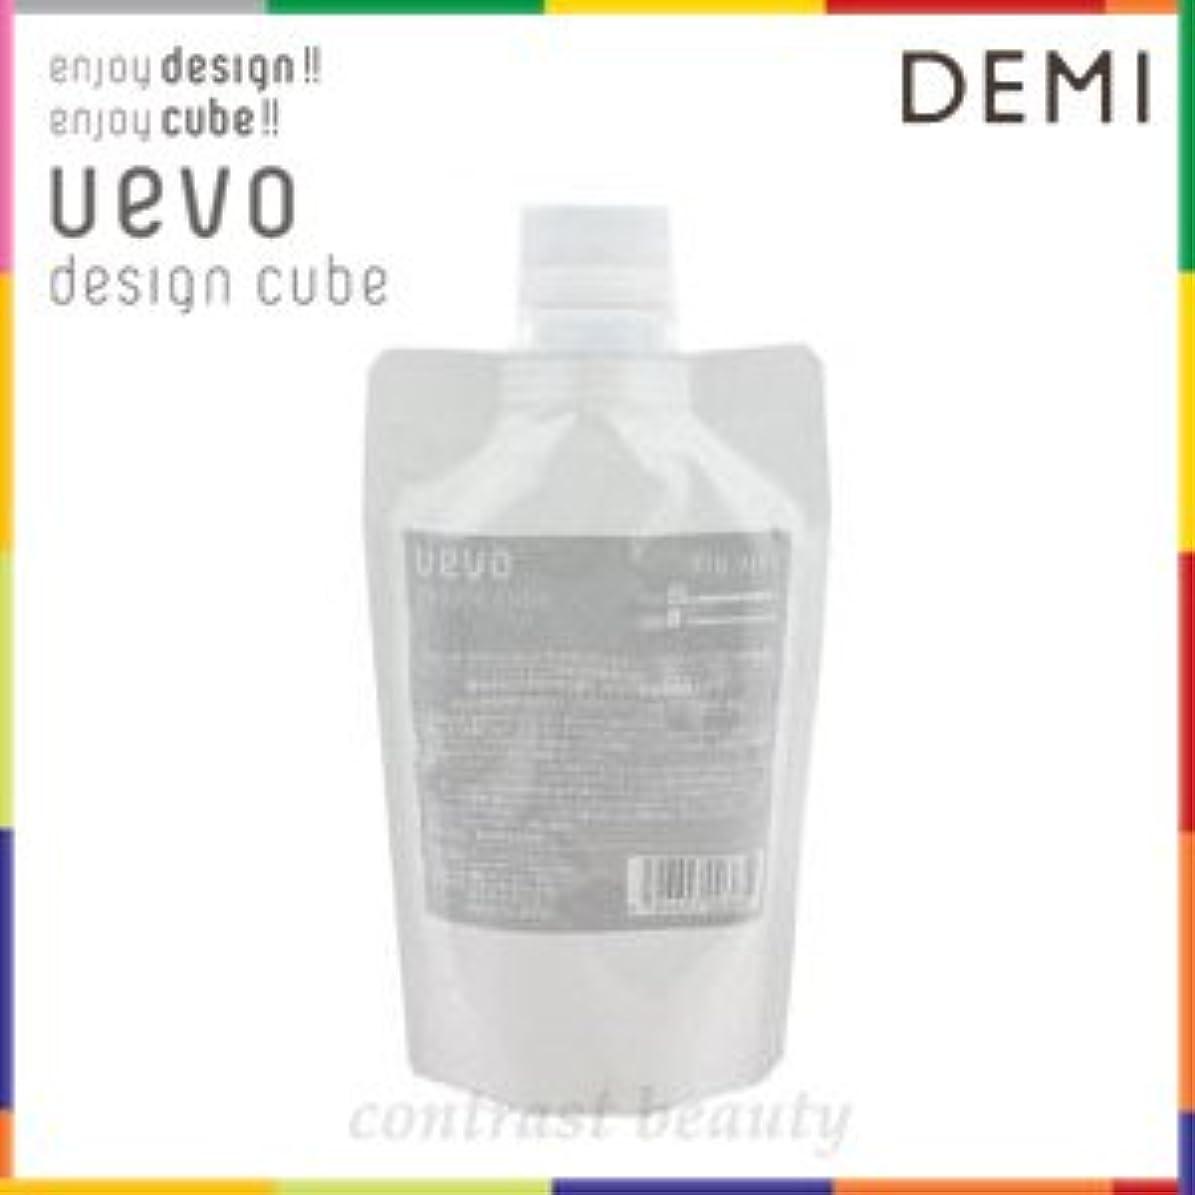 吸収する敬礼製作【X4個セット】 デミ ウェーボ デザインキューブ ドライワックス 200g 業務用 dry wax DEMI uevo design cube